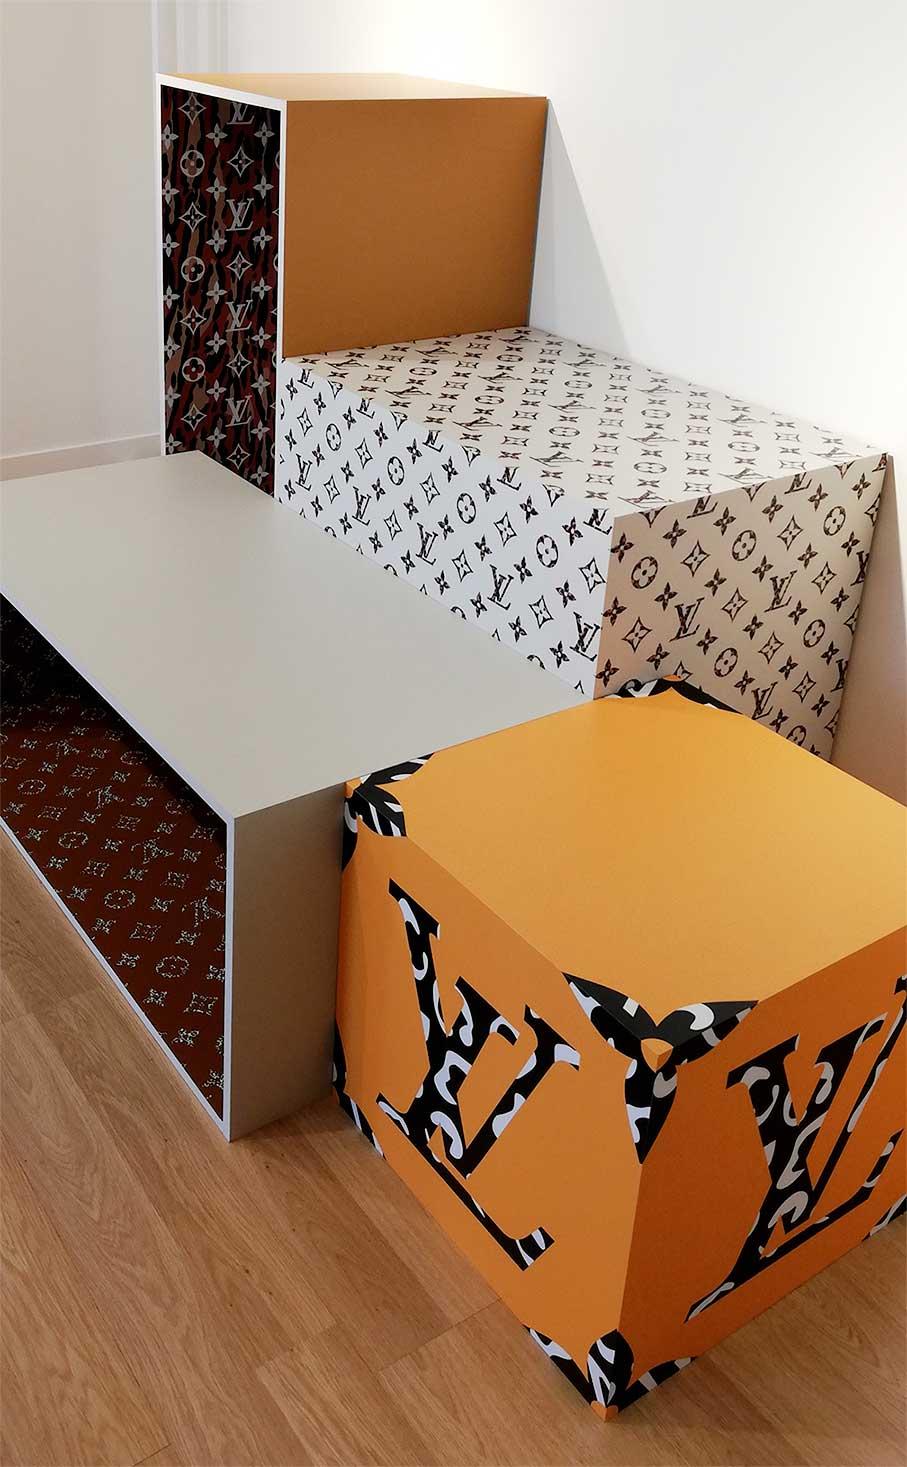 produccion-impresion-grafica-para-decoracion-de-mobiliario-personalizado-louis vuitton